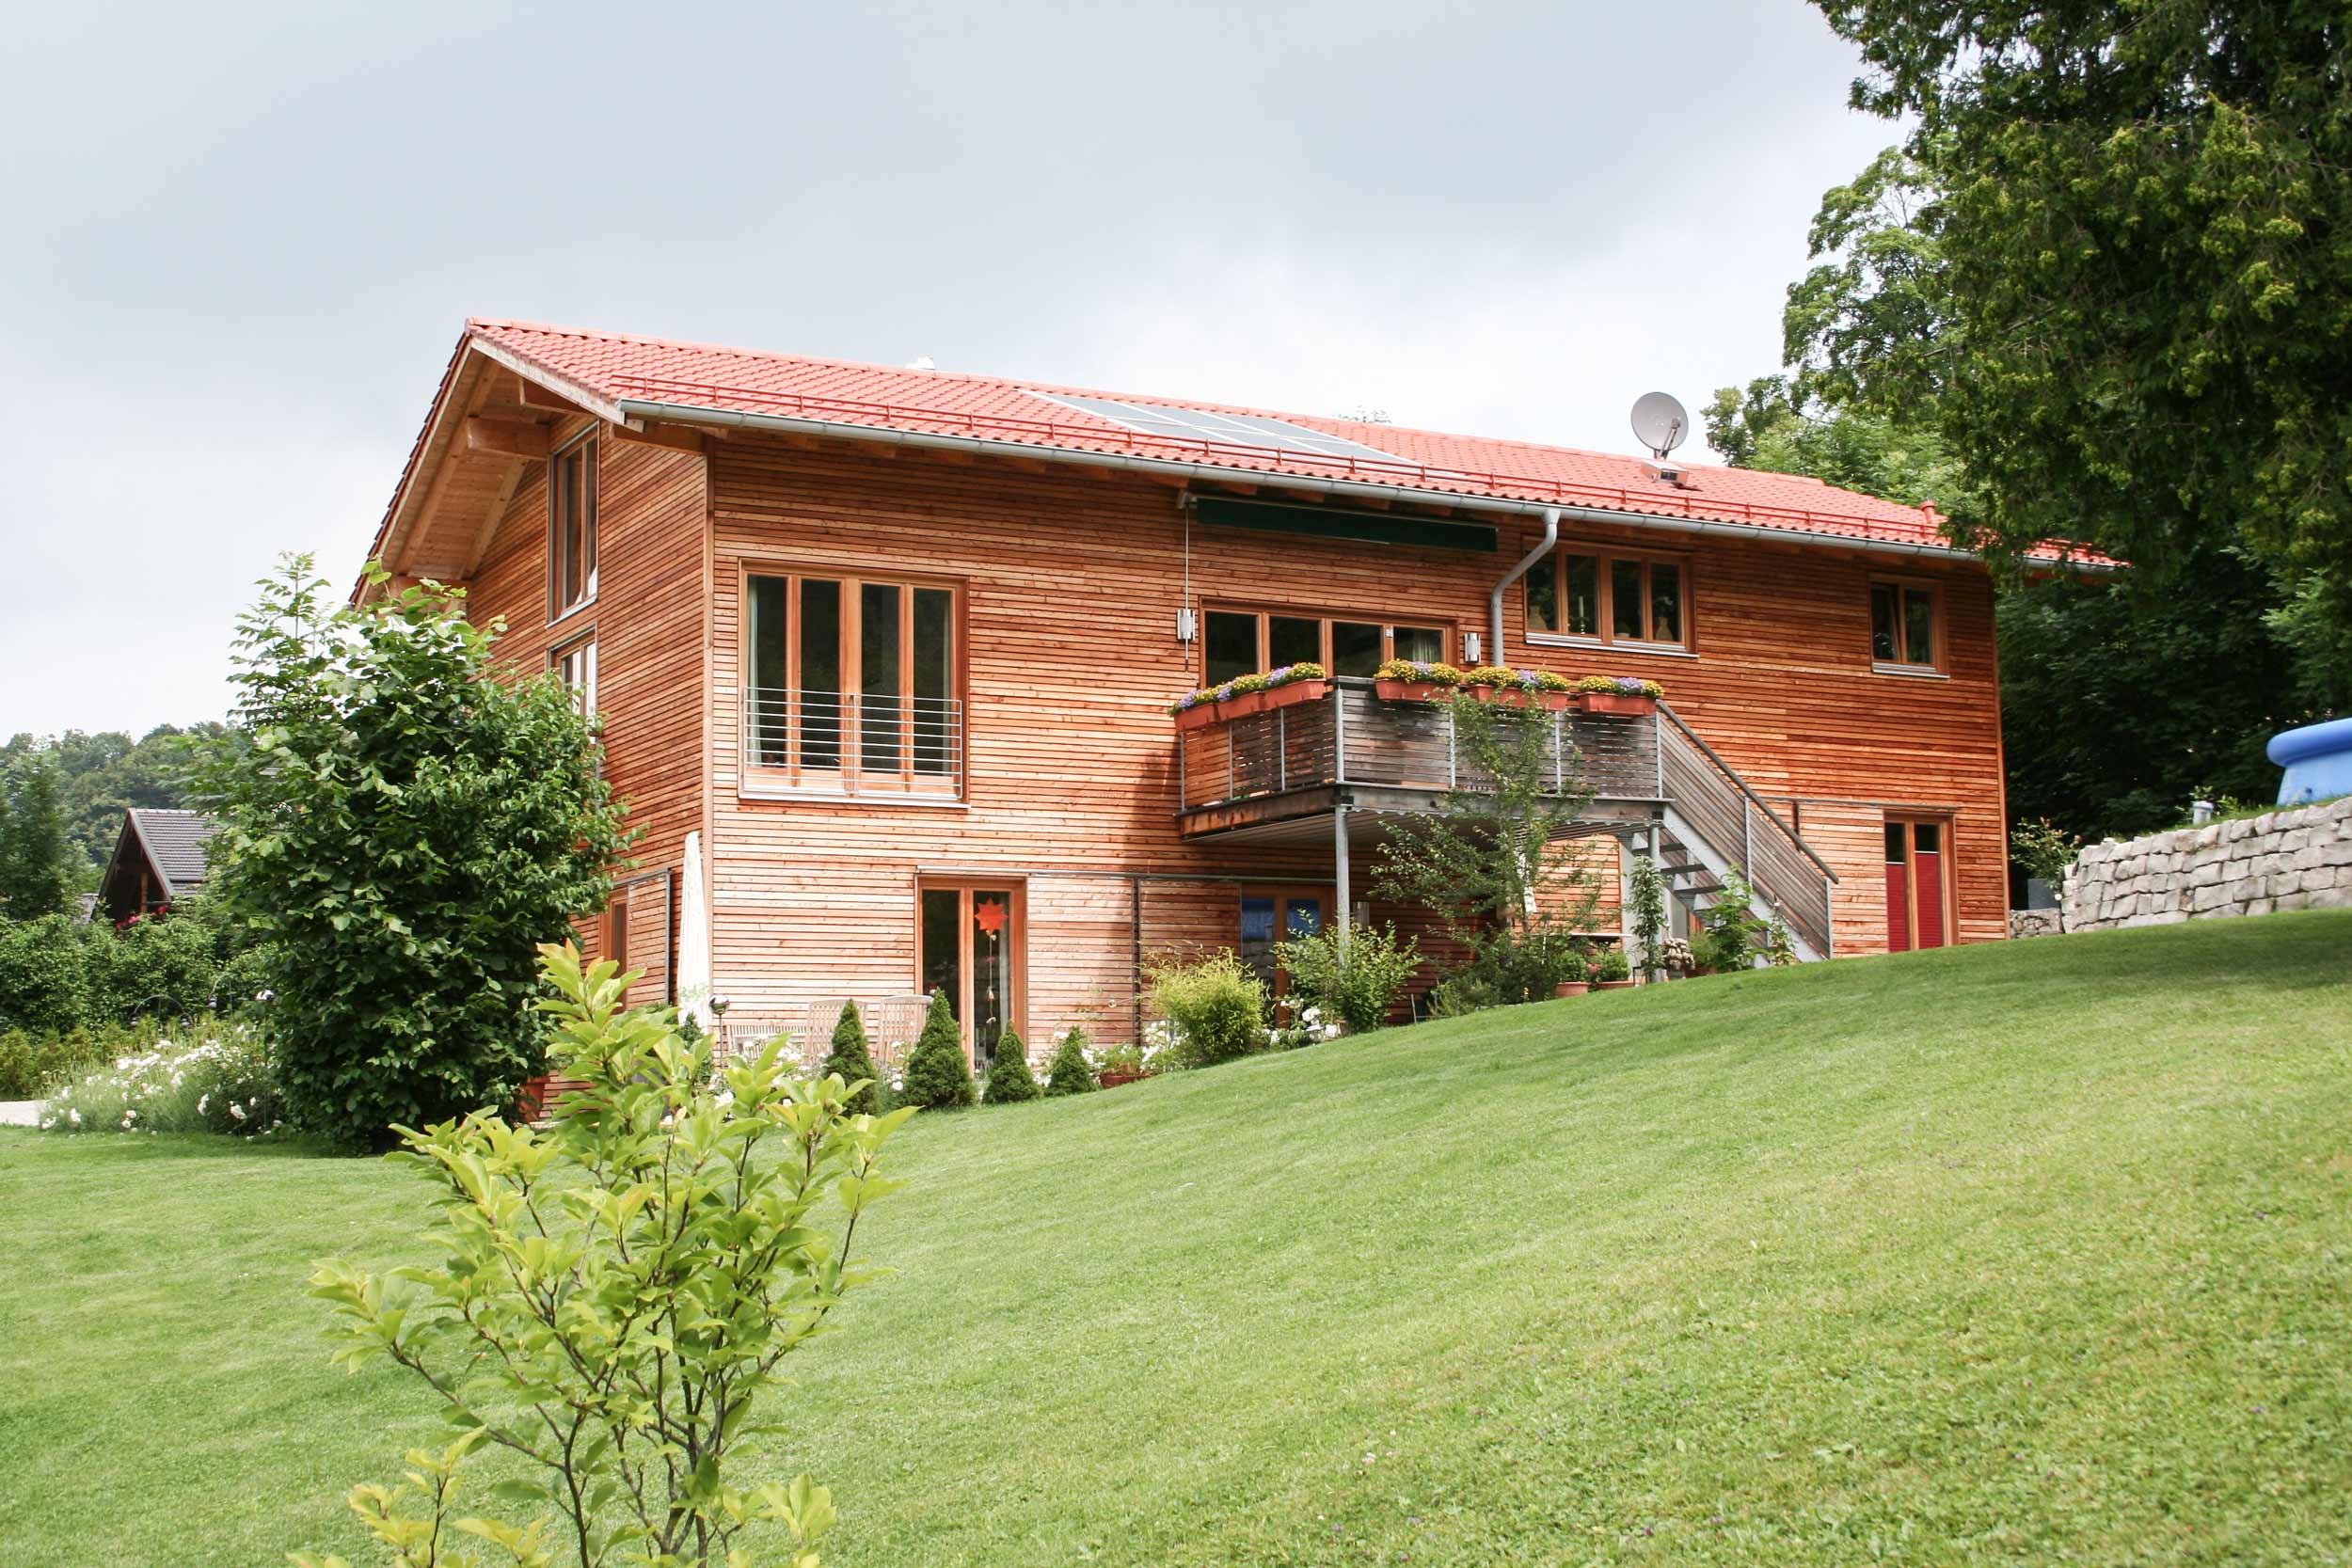 zimmerei-stoib-holzbau-holzhaus-modern-lärche-fassade-latten-fenster-landhaus-07.jpg